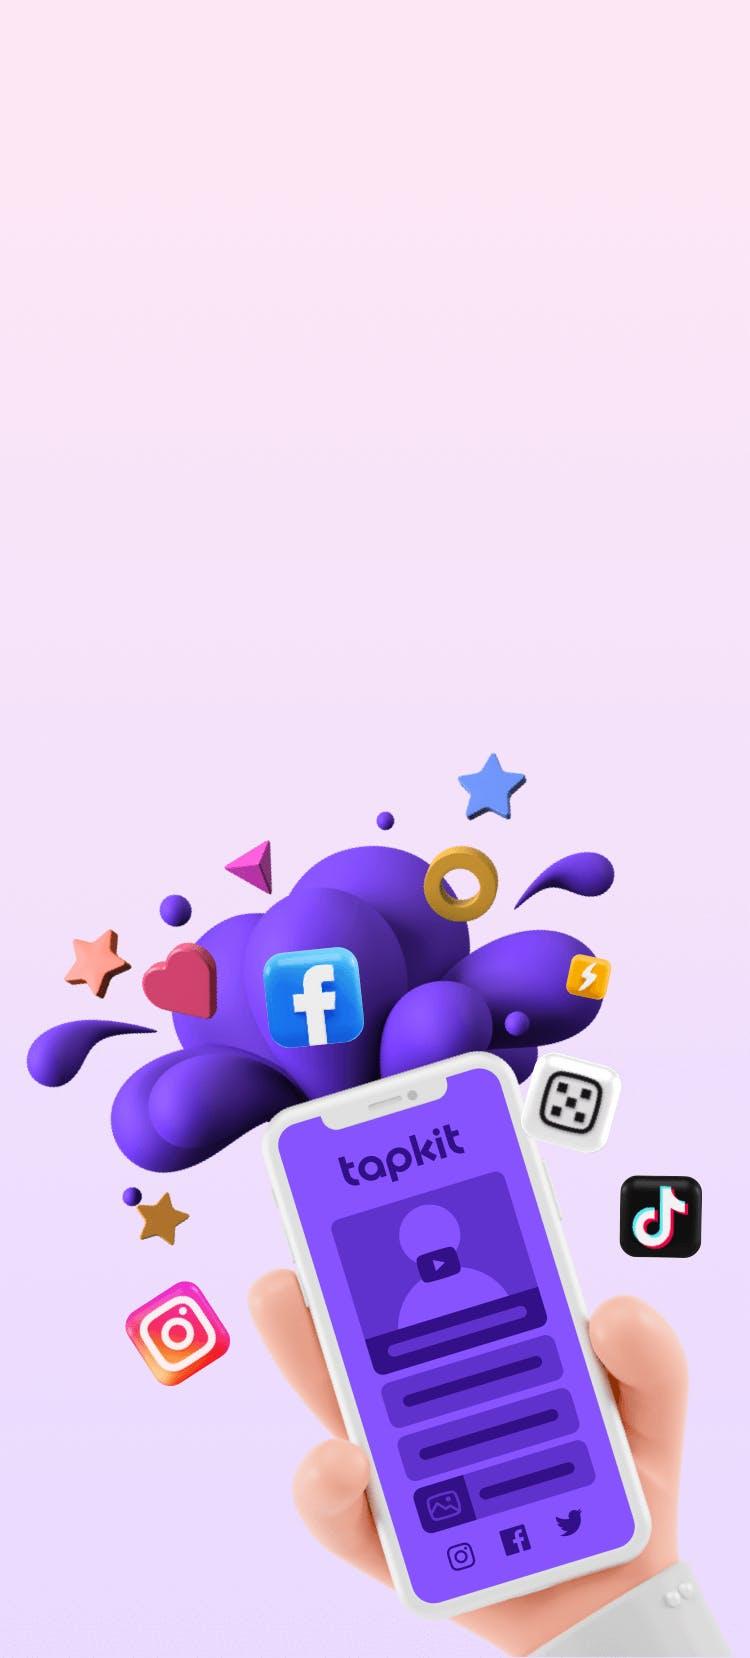 Banner desktop image